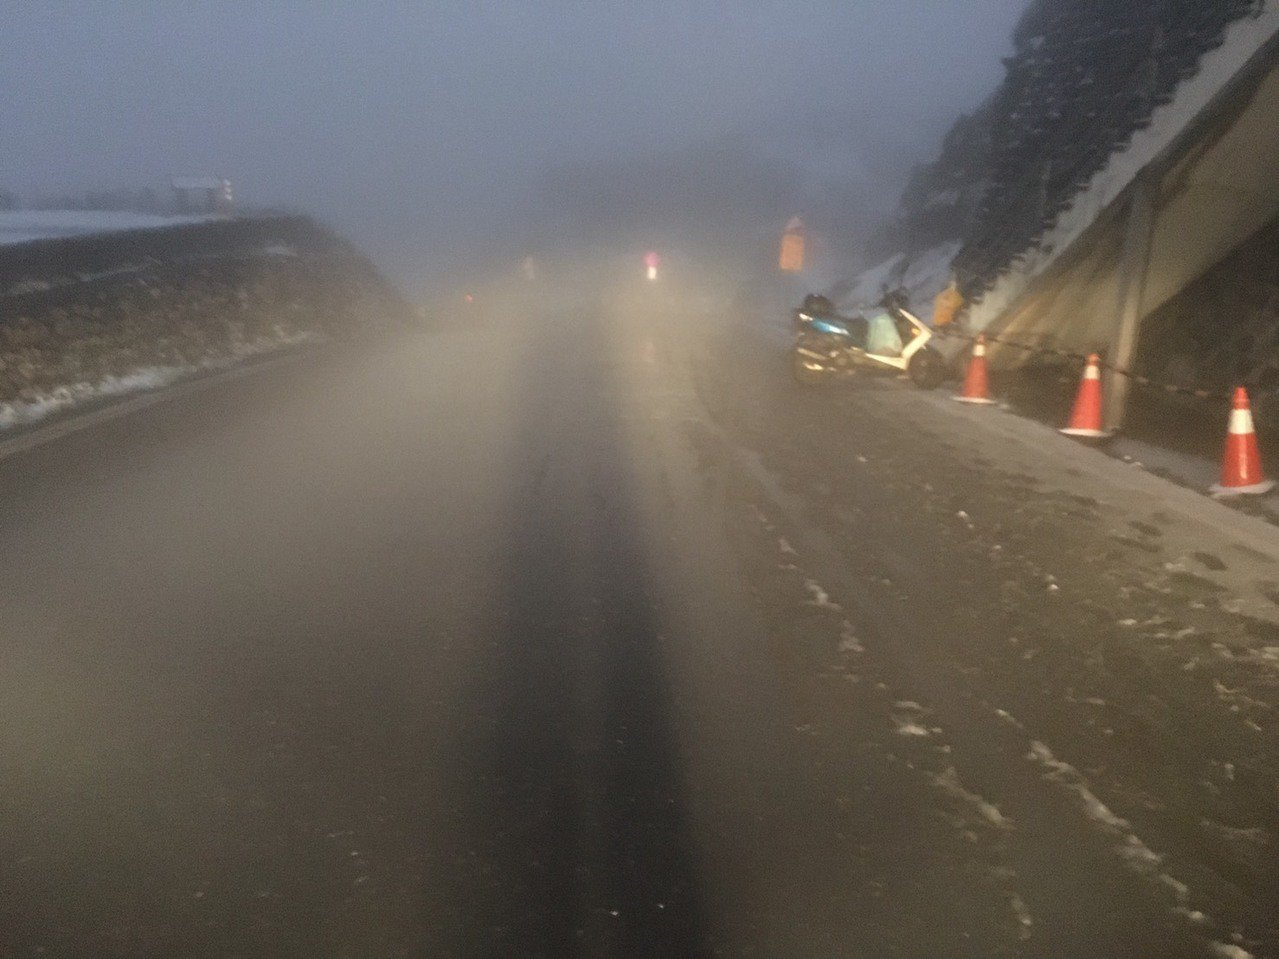 台14甲線武嶺路段到合歡山遊客中心路面結冰,車輛須加掛雪鏈才能通行。圖/公路總局...